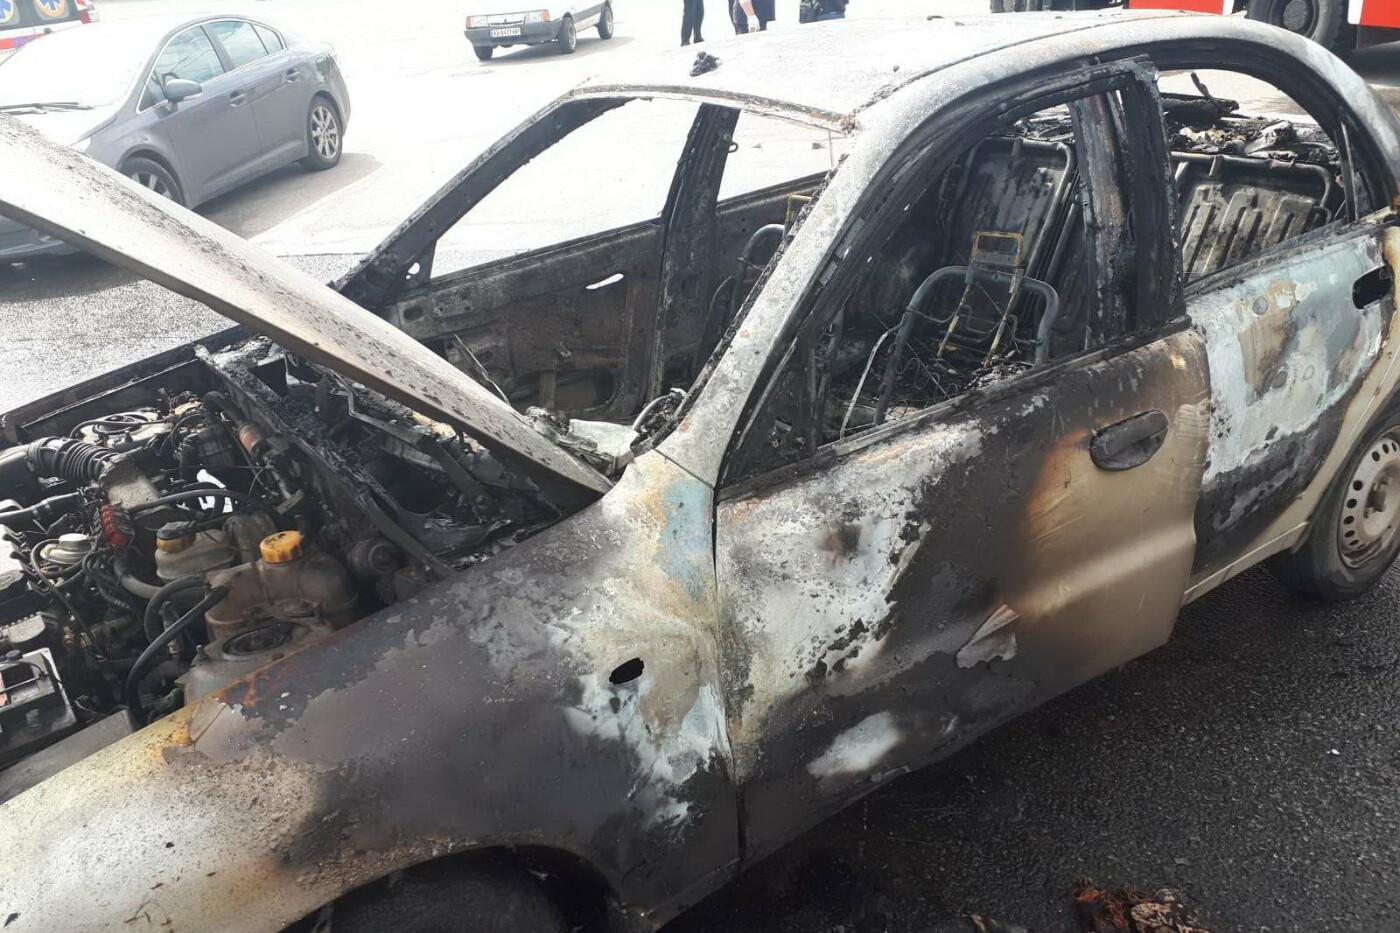 В Харькове во время движения загорелся легковой автомобиль: водитель получил ожоги, - ФОТО, фото-4